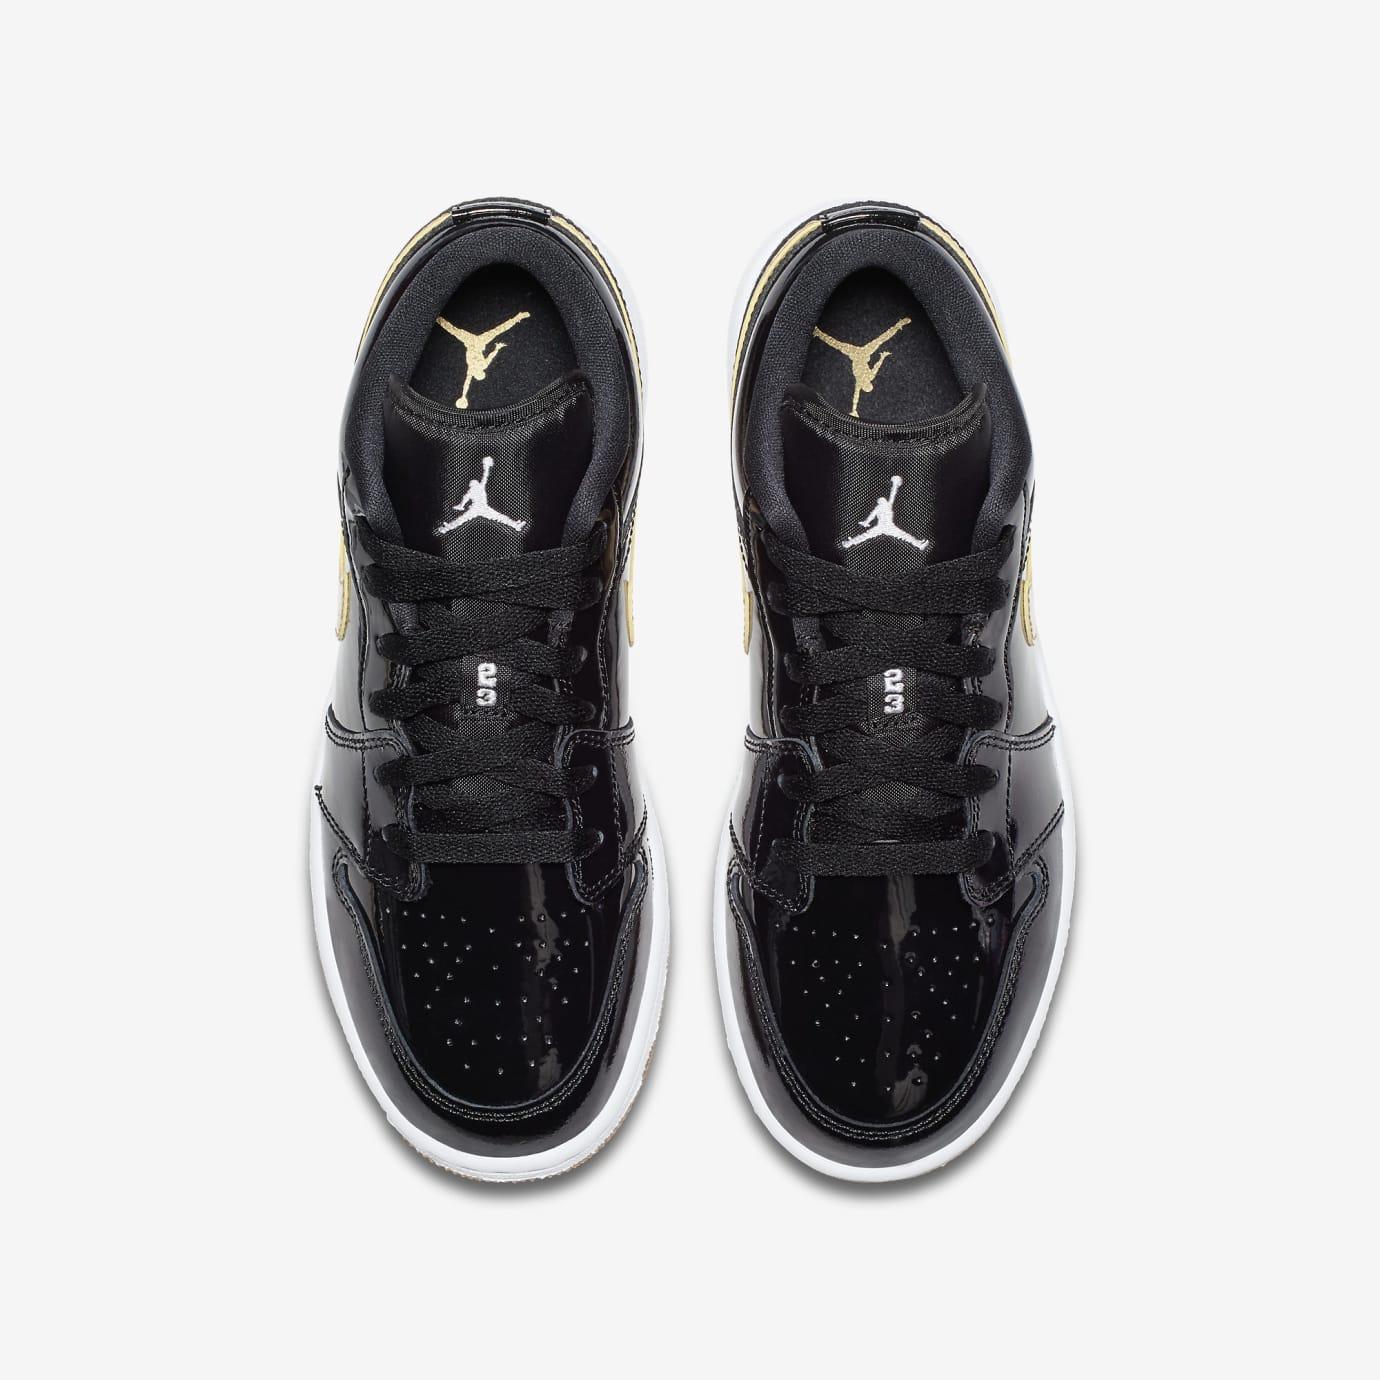 Air Jordan 1 Low GG Black/Metallic Gold-White-Gum 554723-032 (Top)